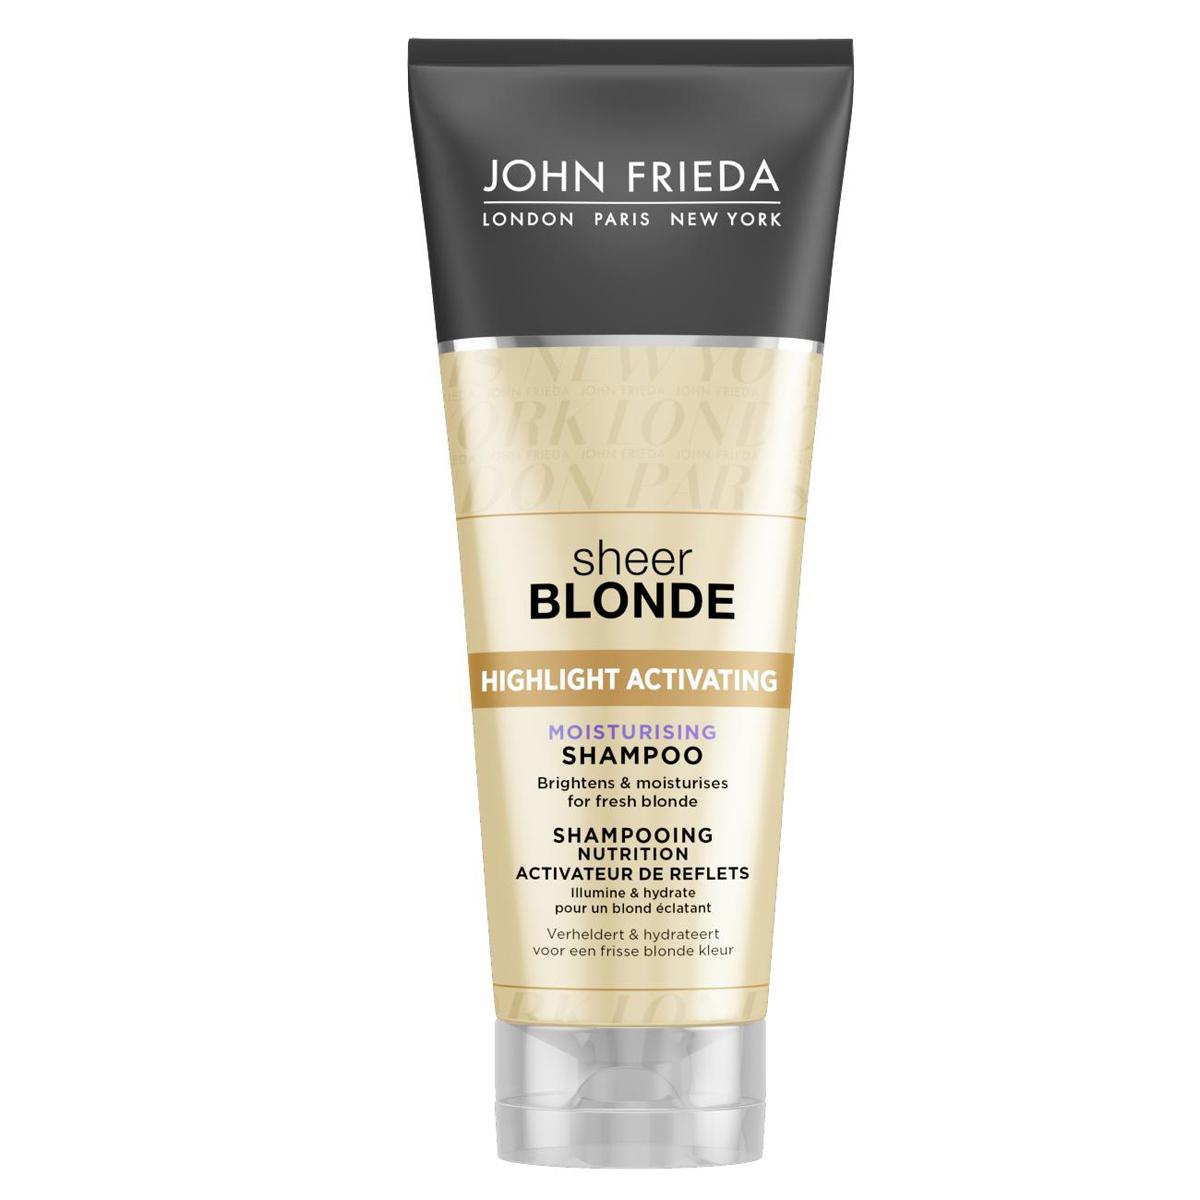 John Frieda Увлажняющий активирующий шампунь для оттенков светлый блондин, 250 млБ33041_шампунь-барбарис и липа, скраб -черная смородинаУвлажняет и возвращает сияние светлым волосам. Увлажняет и придает сияние светлым волосам. Формула увлажняющего шампуня содержит экстракты подсолнечника и белого чая, усиливает сияние любого оттенка светлых волос. Применение: Нанесите на влажные волосы, вспеньте и тщательно смойте. Для наилучшего результата и увлажнения волос далее используйте увлажняющий активирующий шампунь для светлых волос Sheer Blonde.НЕ ОКРАШИВАЕТ ВОЛОСЫ *Безопасен для натуральных, окрашенных и мелированных волос. Характеристики:Объем: 250 мл. Производитель: Великобритания. Товар сертифицирован.